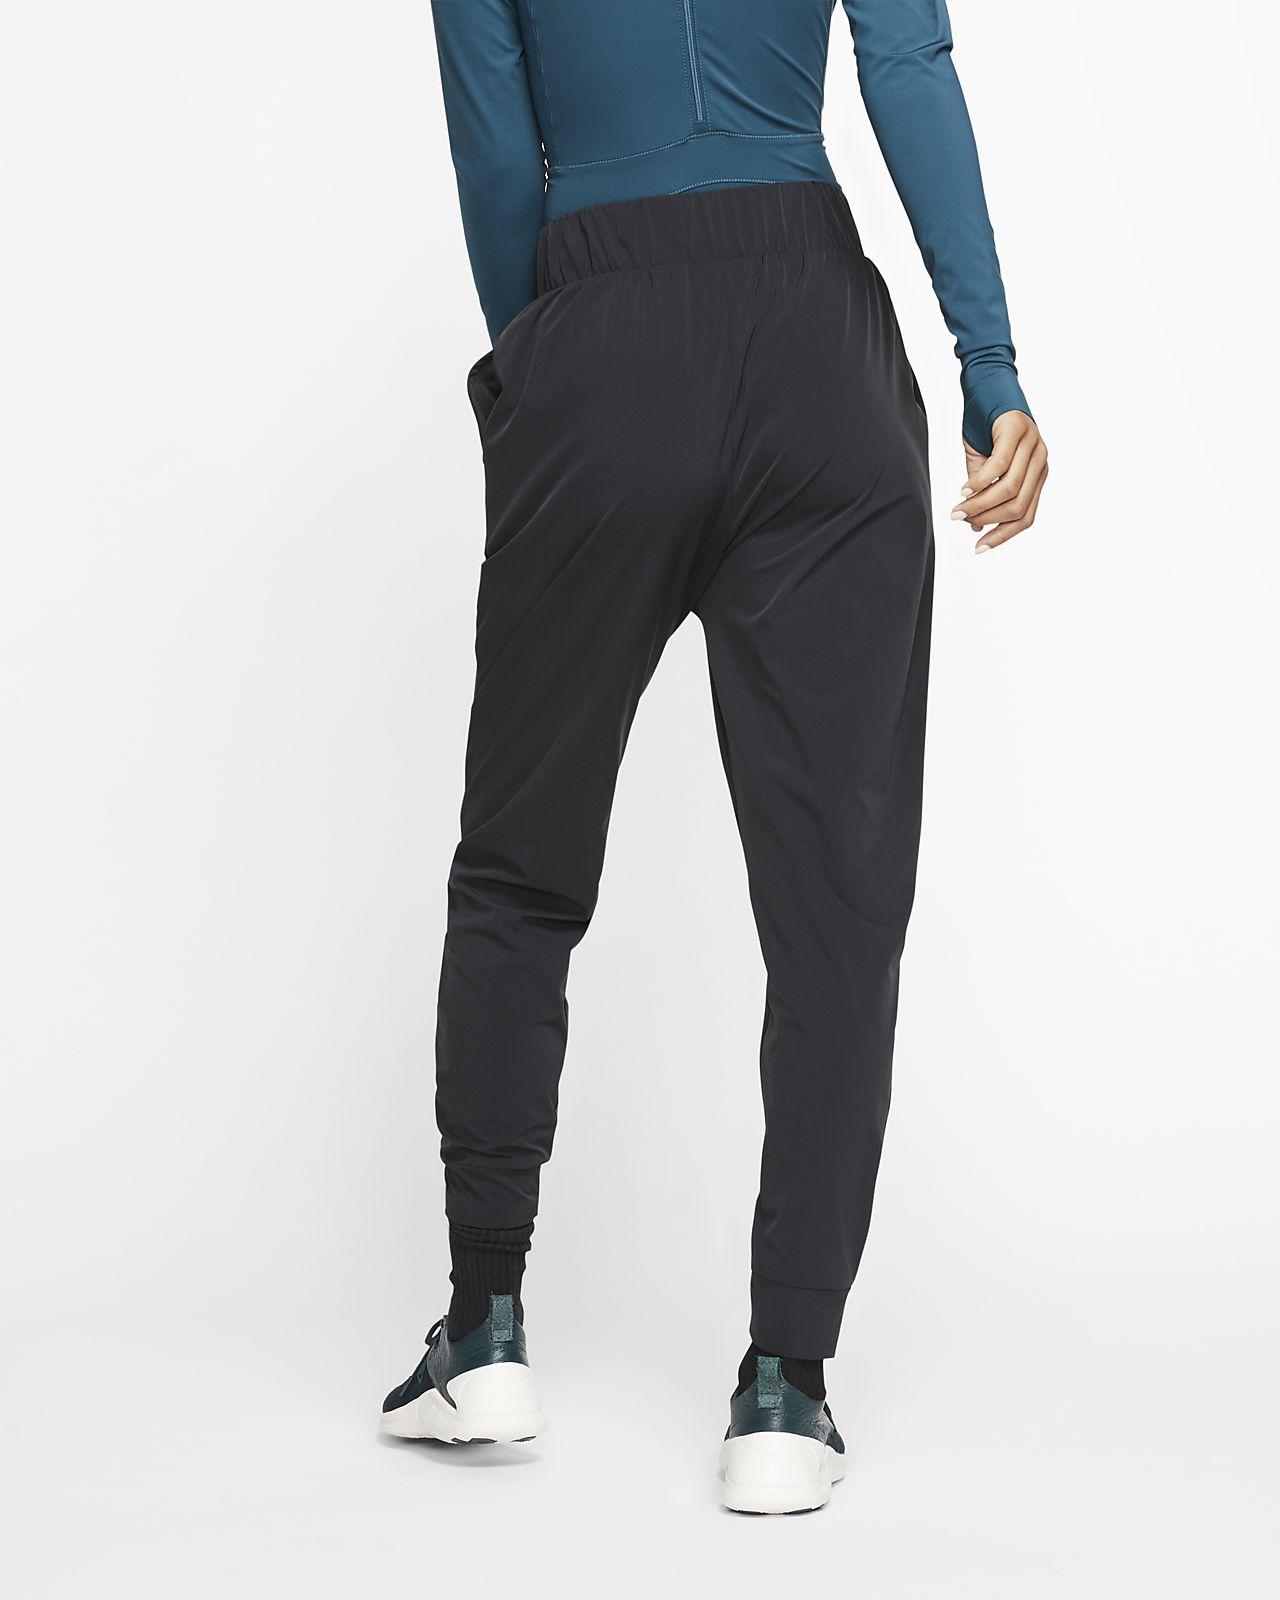 f83297df0e Pantaloni Nike Bliss - Donna